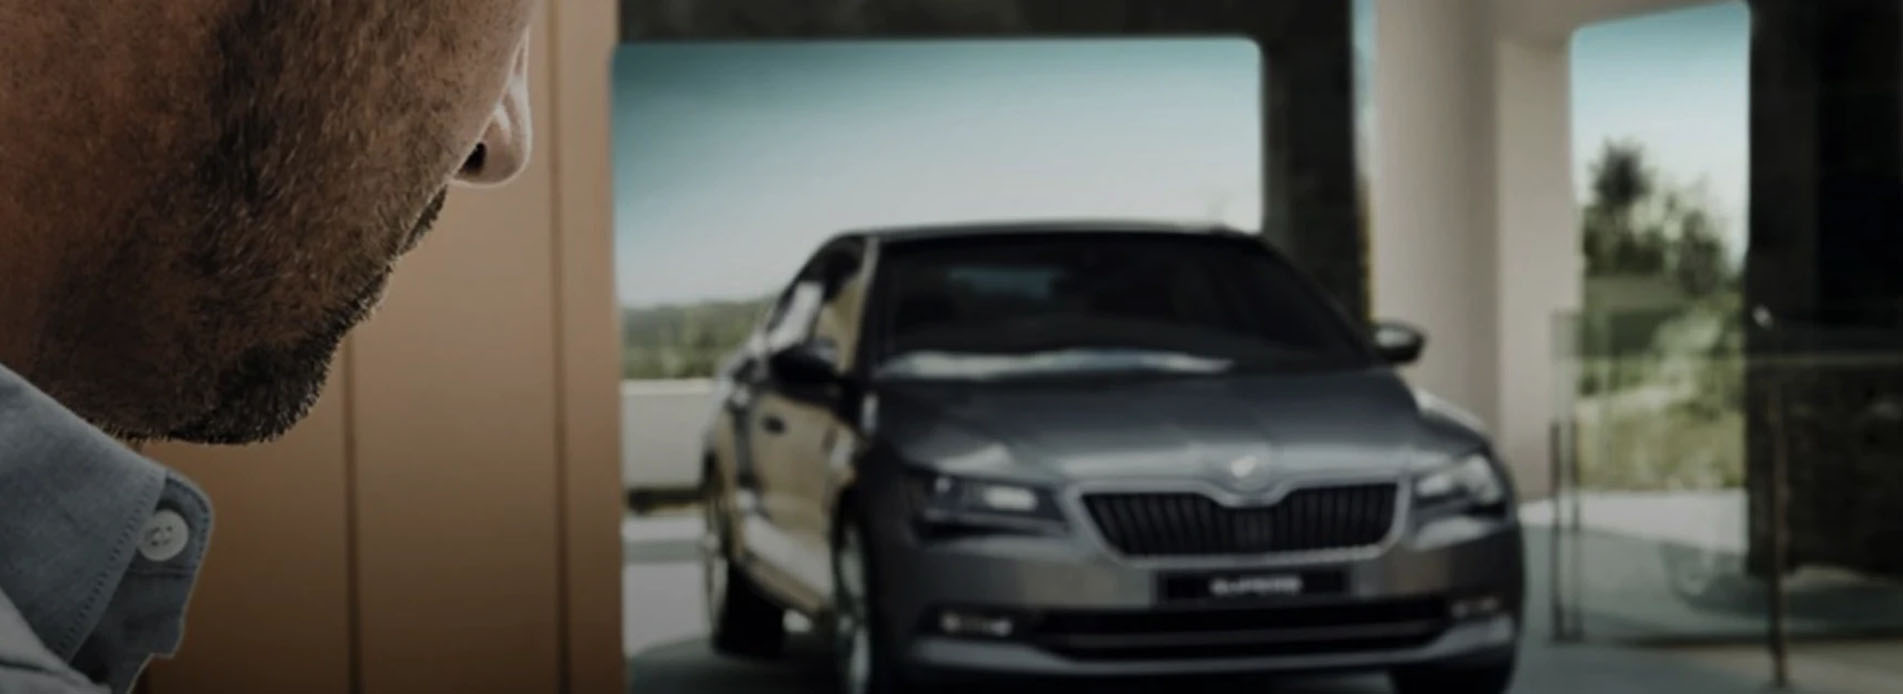 Ibasan Automóviles, Concesionario Oficial Skoda en Córdoba y Provincia